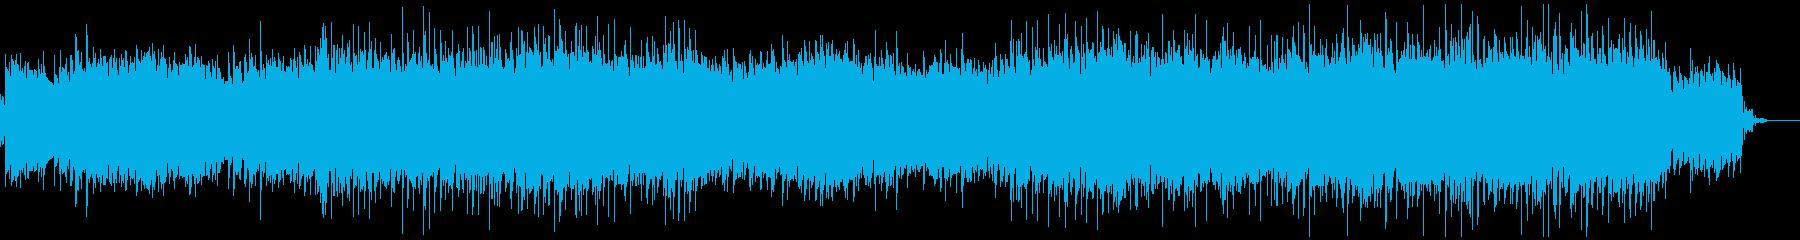 ループ系ロックインストの再生済みの波形